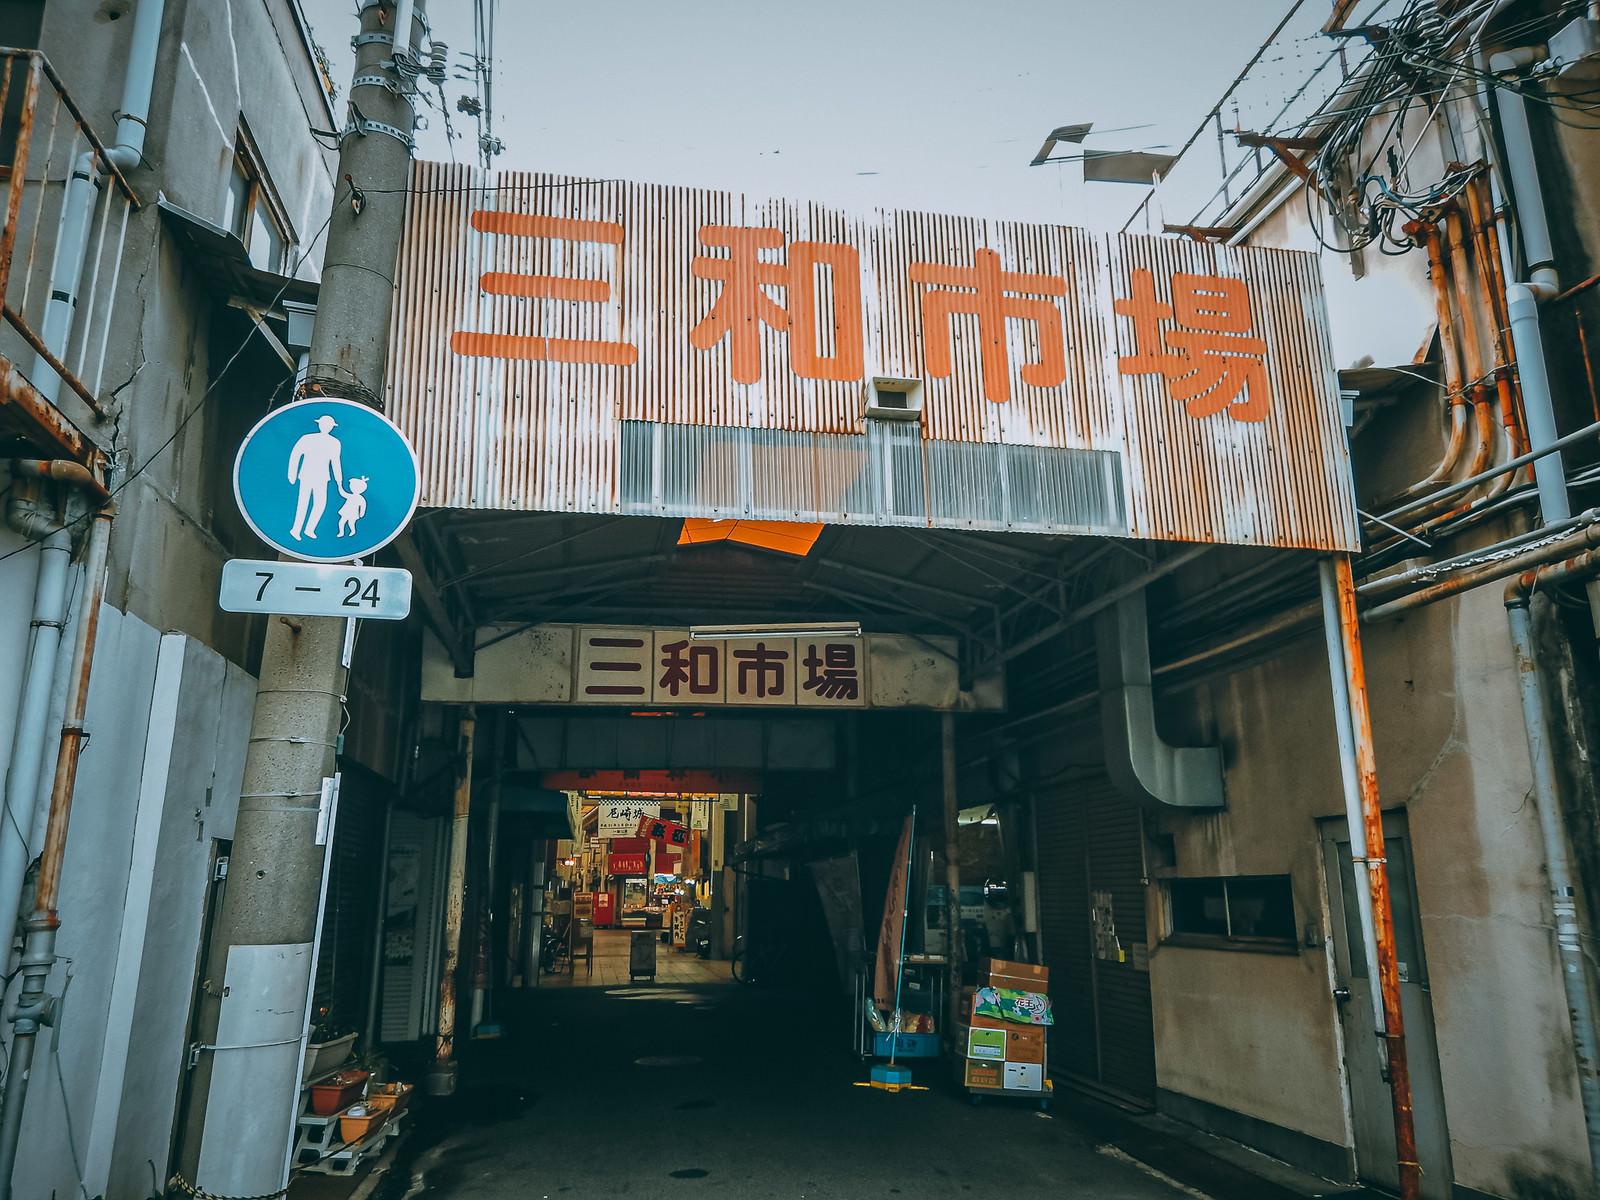 「三和市場(尼崎横丁)の入り口」の写真